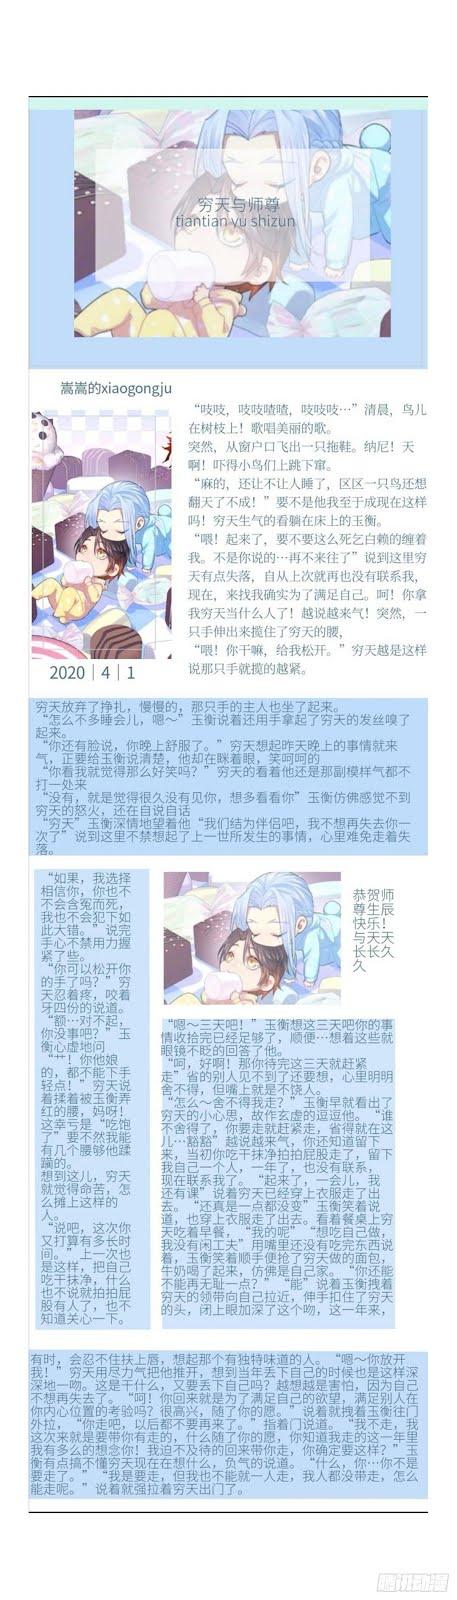 化龍記: 師尊生辰賀禮(同人圖文免費章) - 第9页